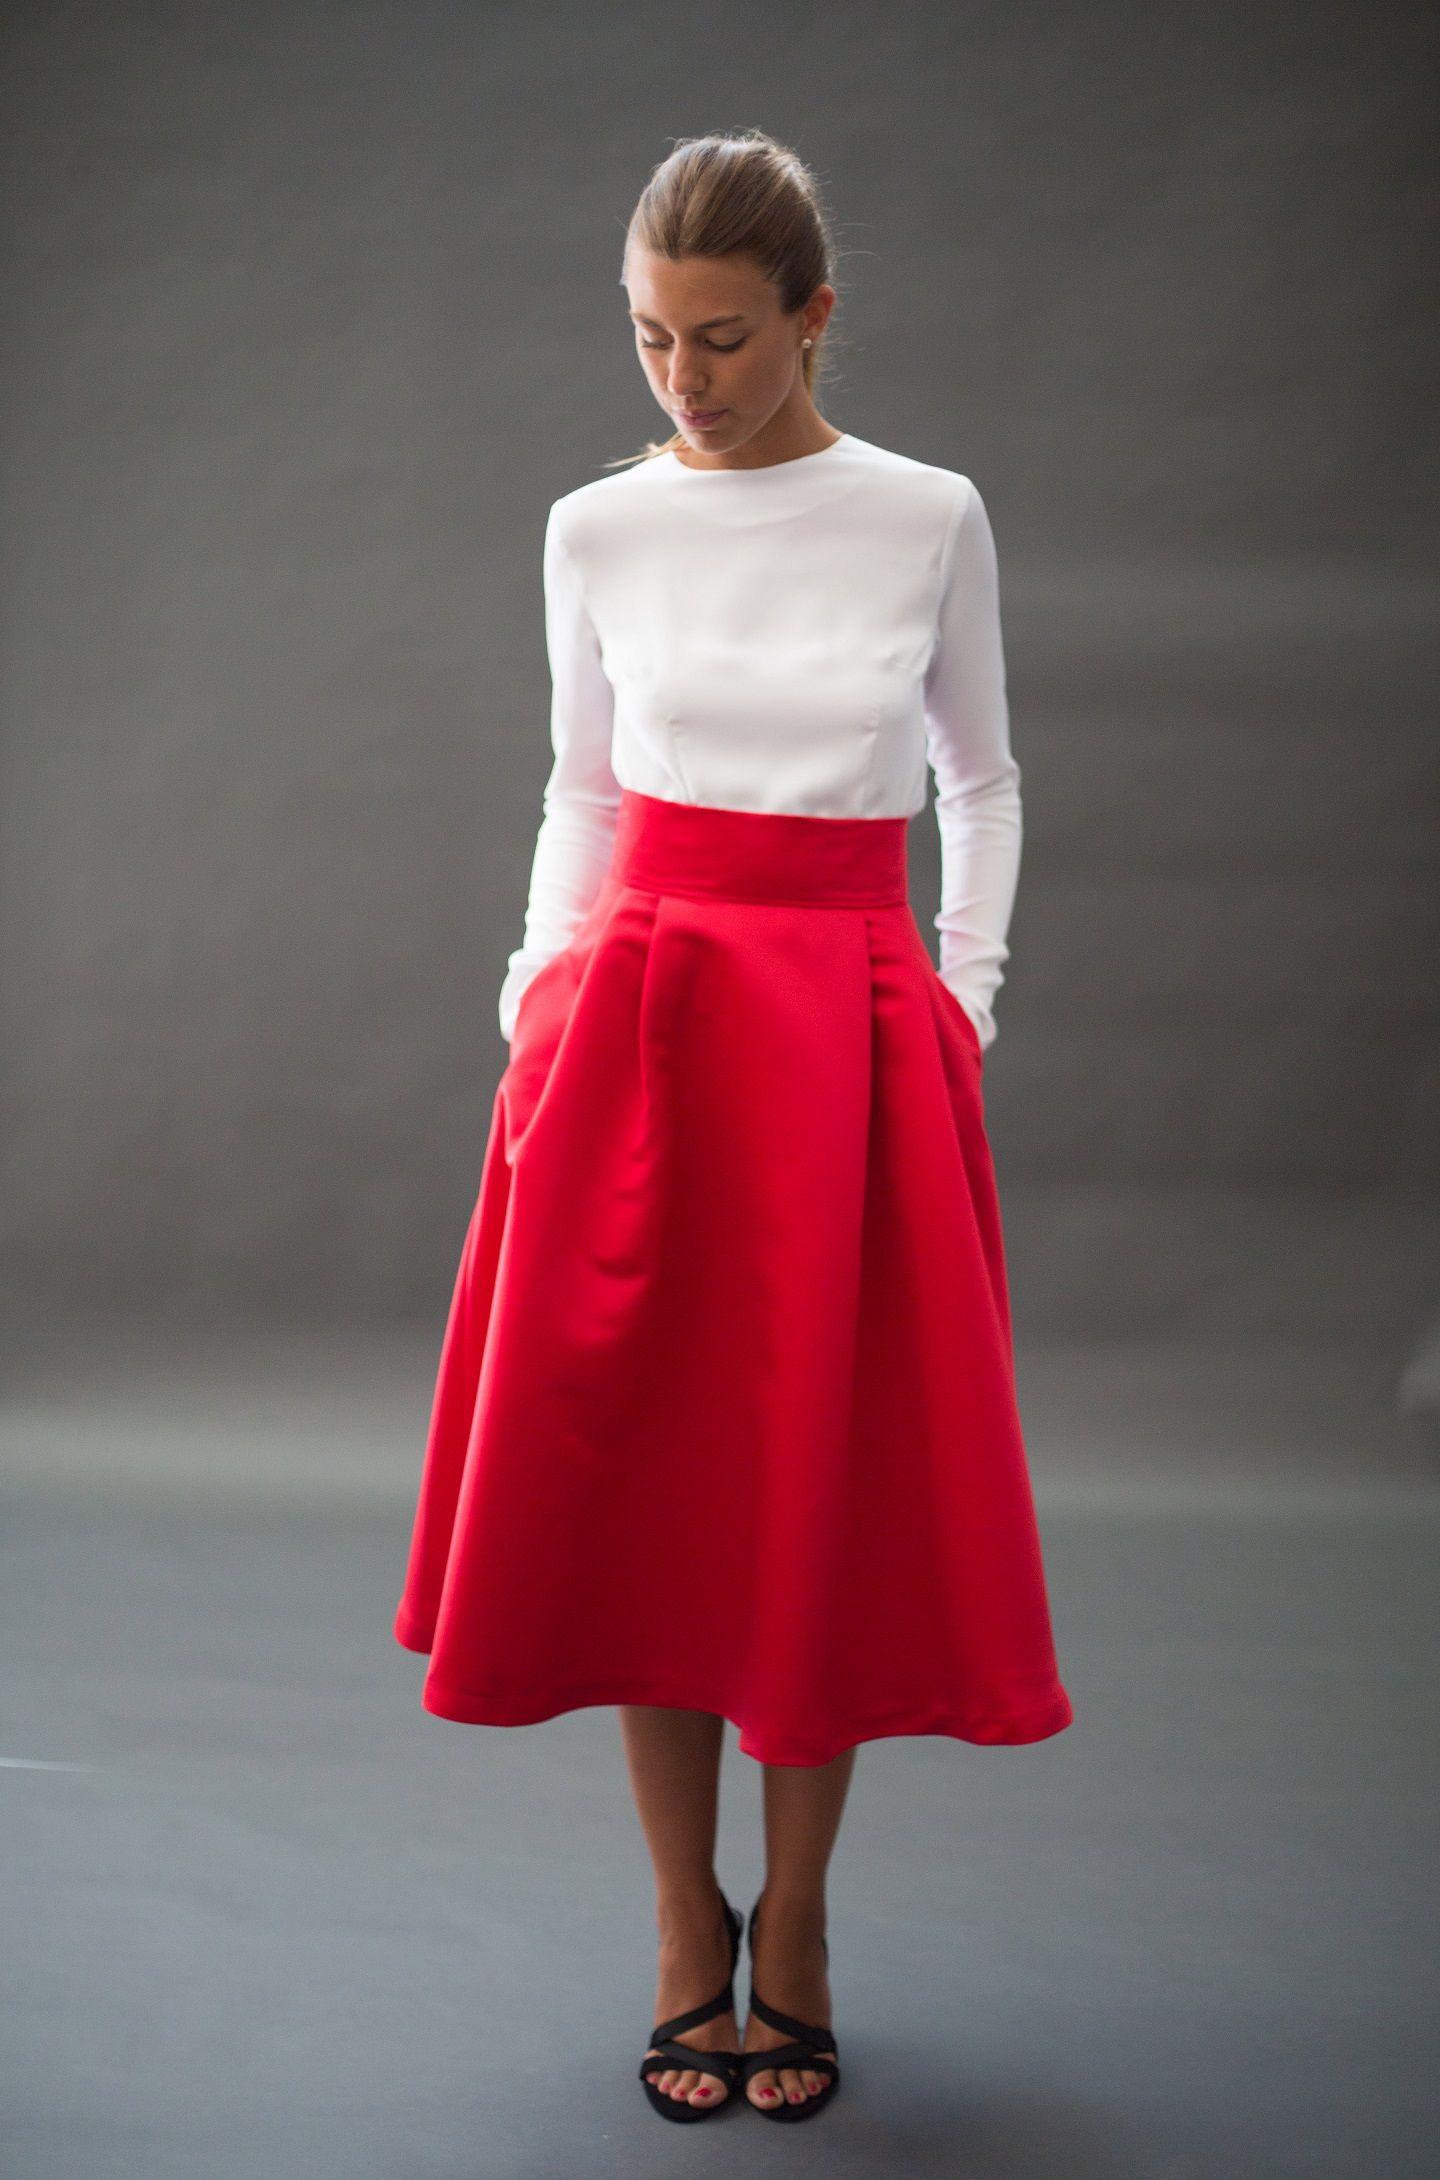 Estrena las faldas para chica de otoño invierno de Bershka. Minifaldas, faldas largas o midi vaqueras, de tul o efecto cuero ¡para ganar puntos extra!